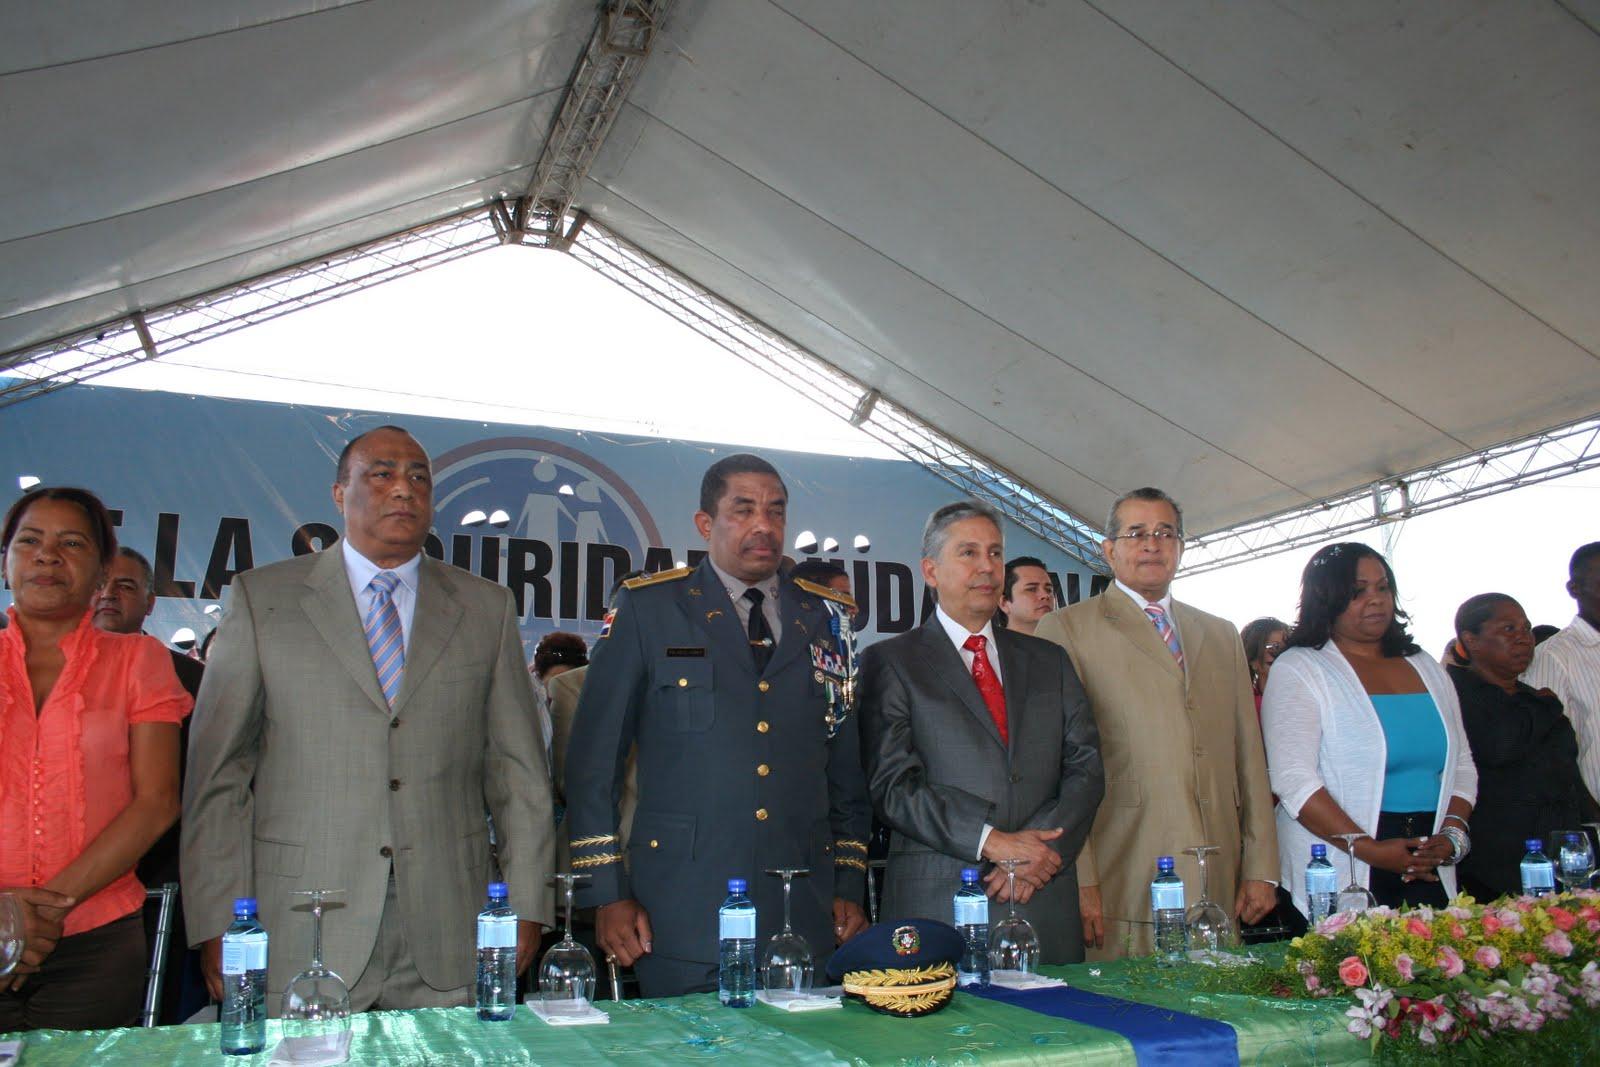 El ministerio de interior y policia inaugura viviendas en for Ministerio interior y policia